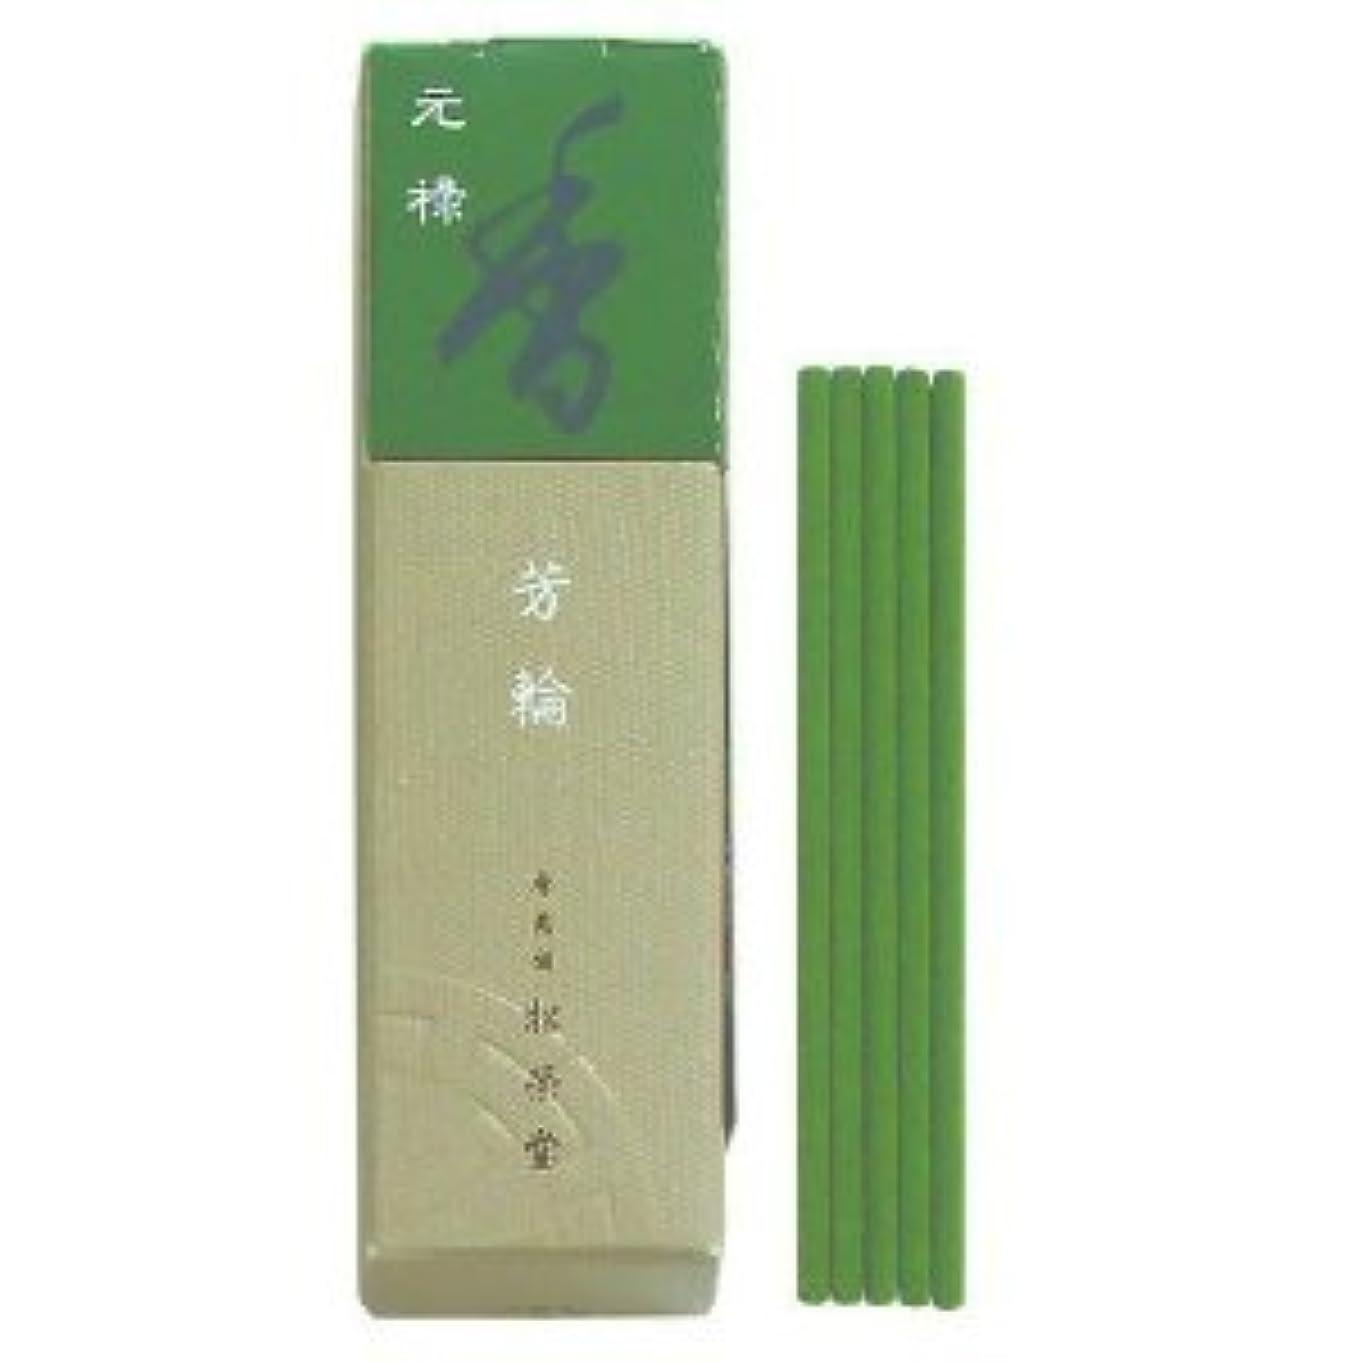 菊にやにやおばあさん松栄堂 芳輪 元禄 スティックタイプ20本入